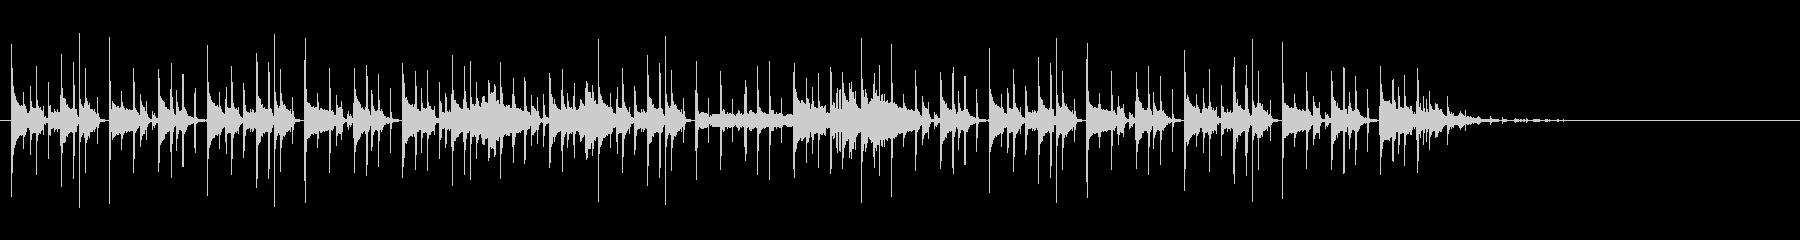 ベース、ドラム、アップテンポの未再生の波形